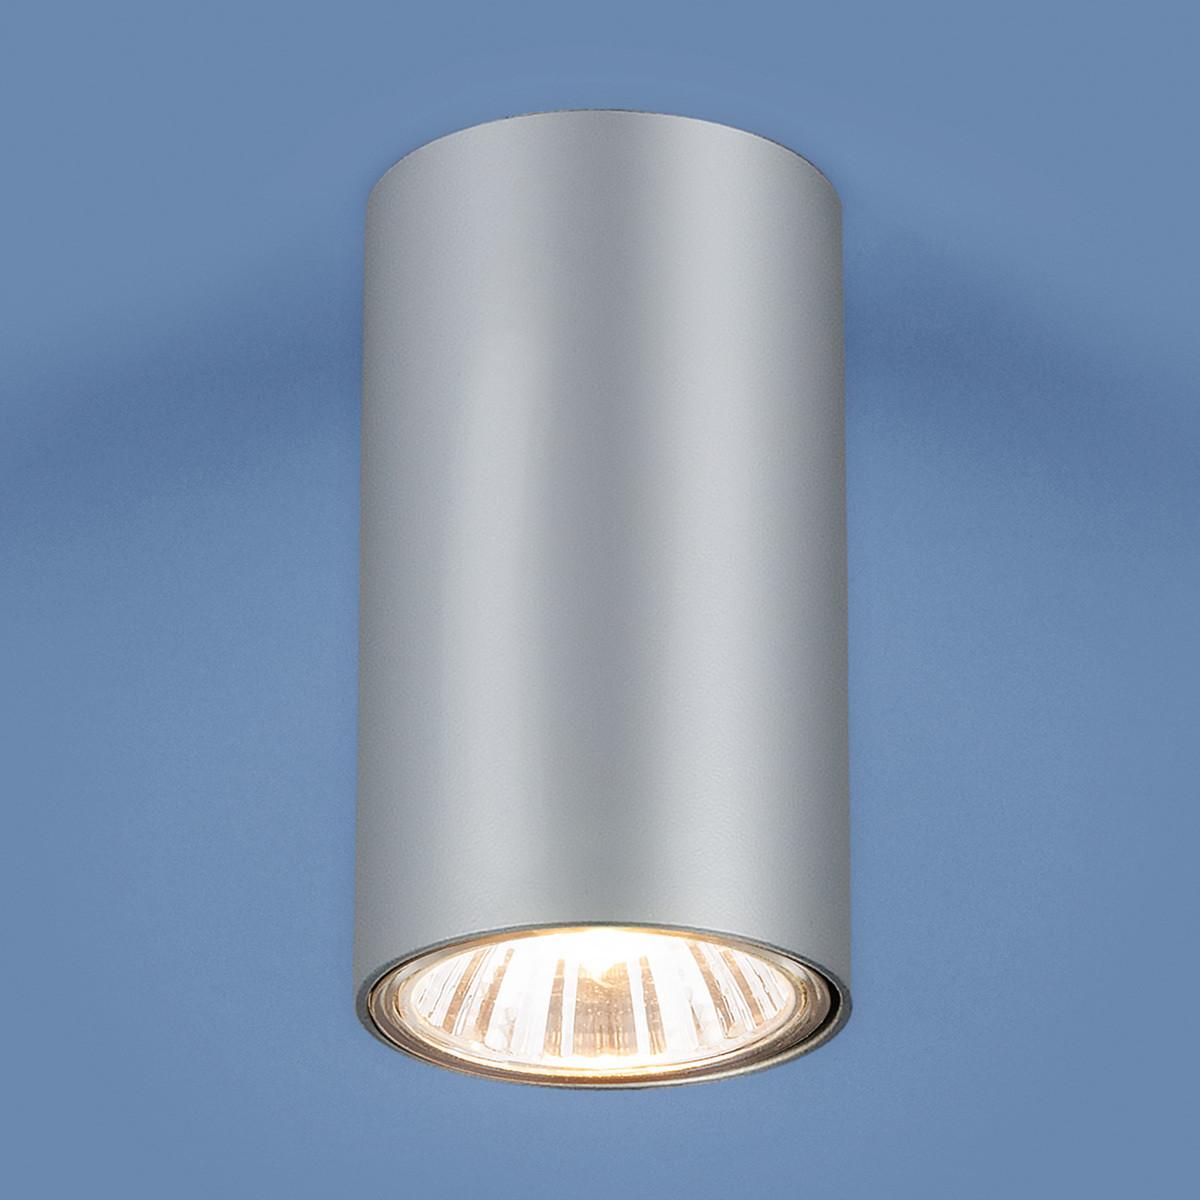 1081 GU10 /Светильник накладной SL серебро